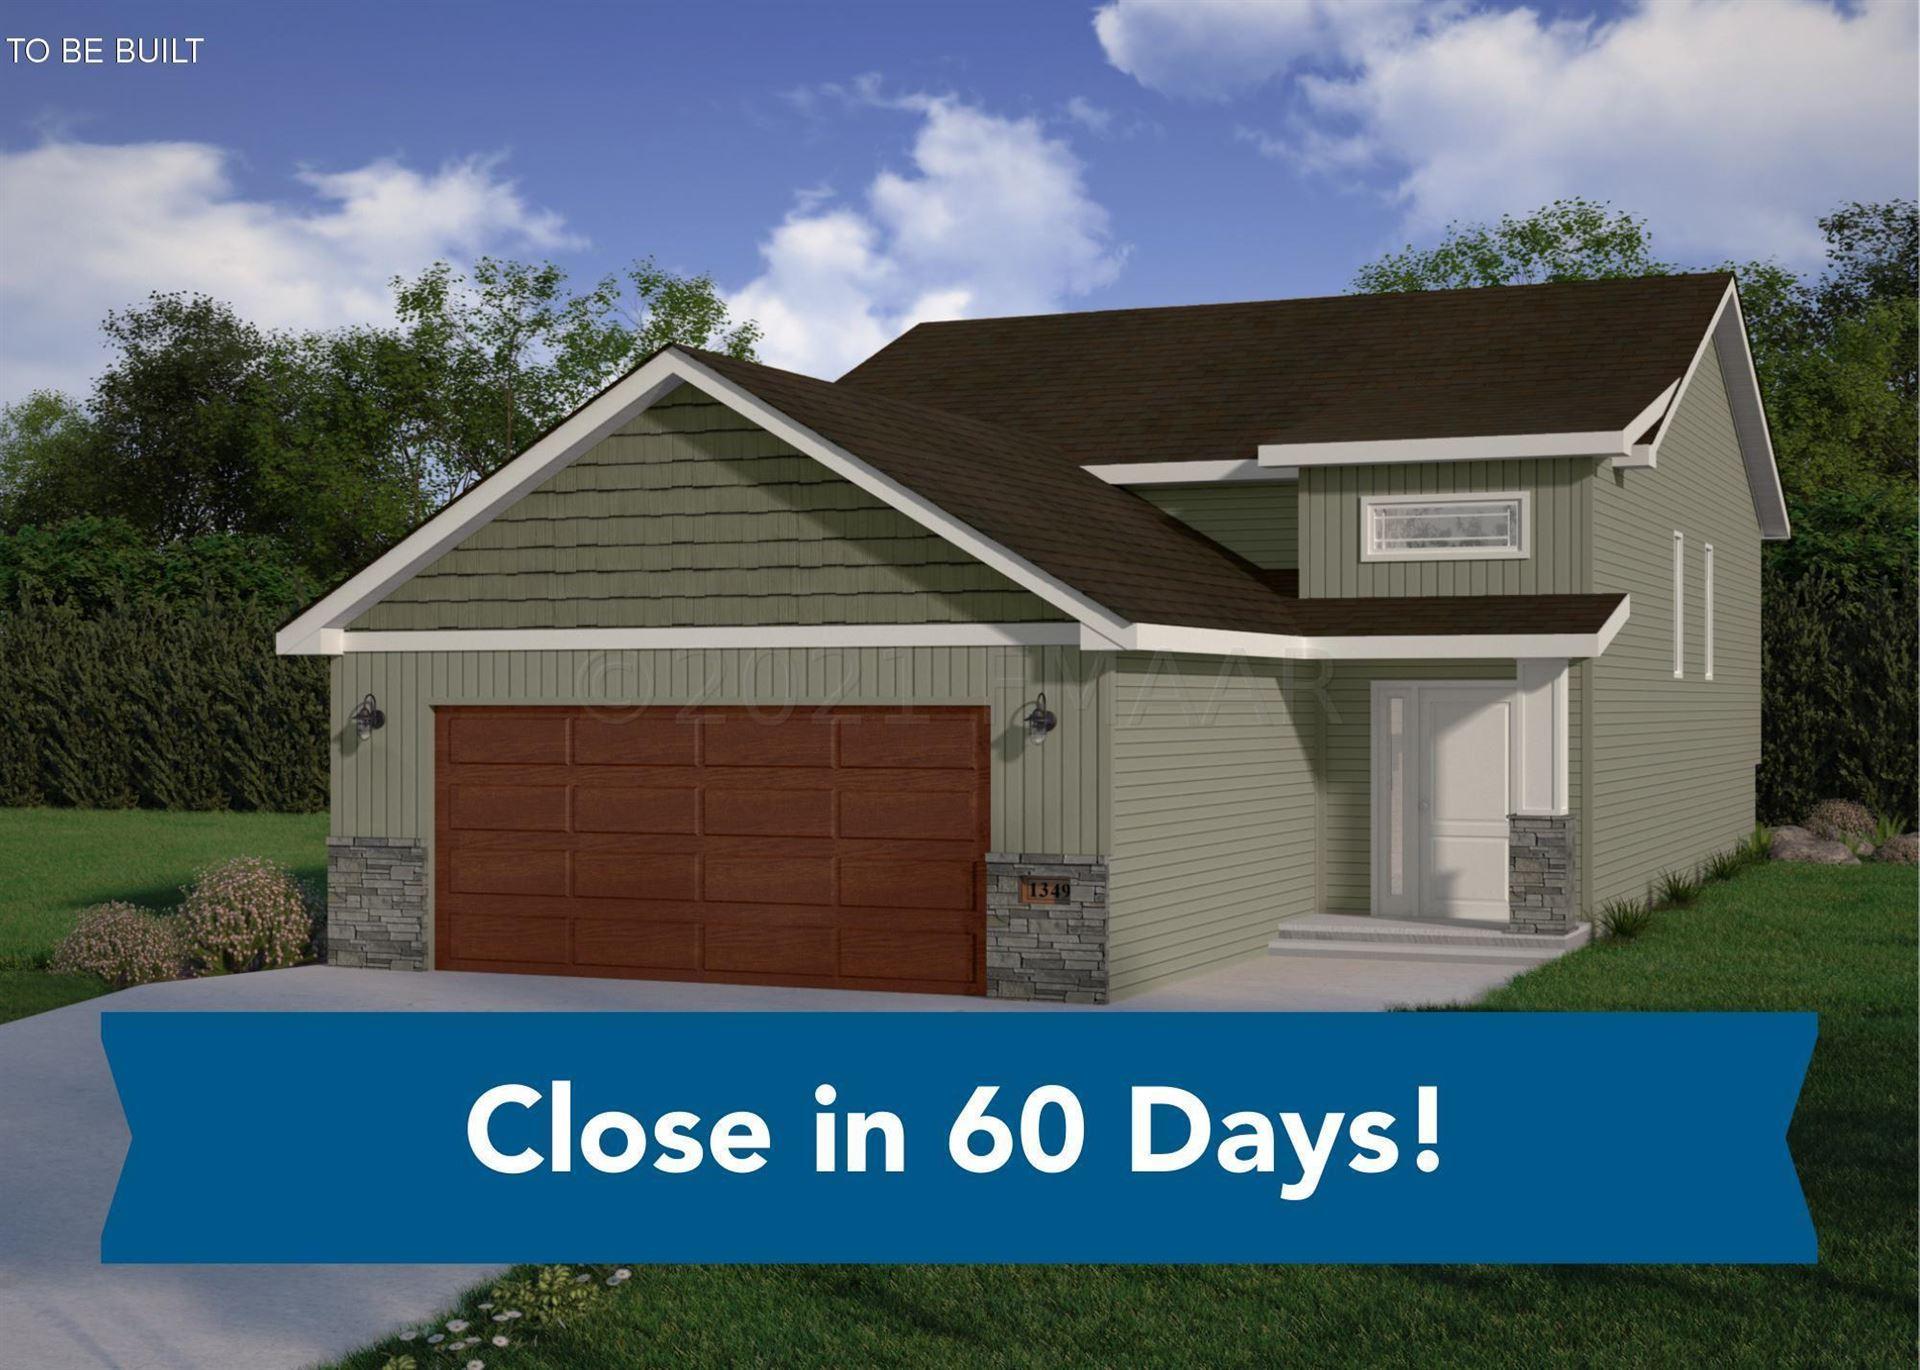 2584 66 Avenue S, Fargo, ND 58104 - #: 21-45